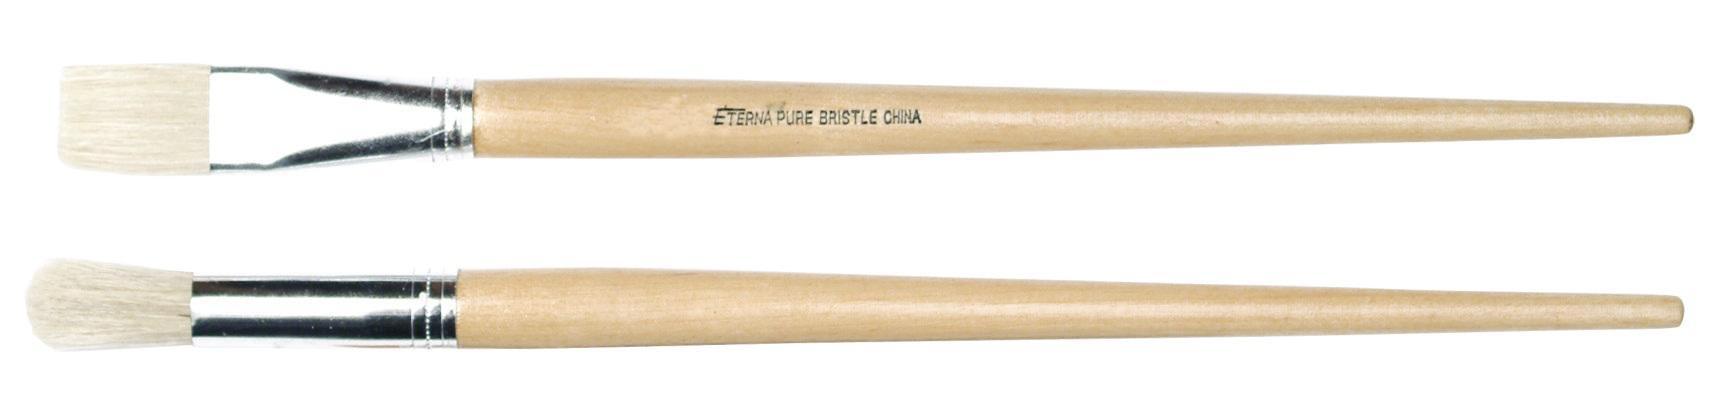 No.9 Round Hog Brush